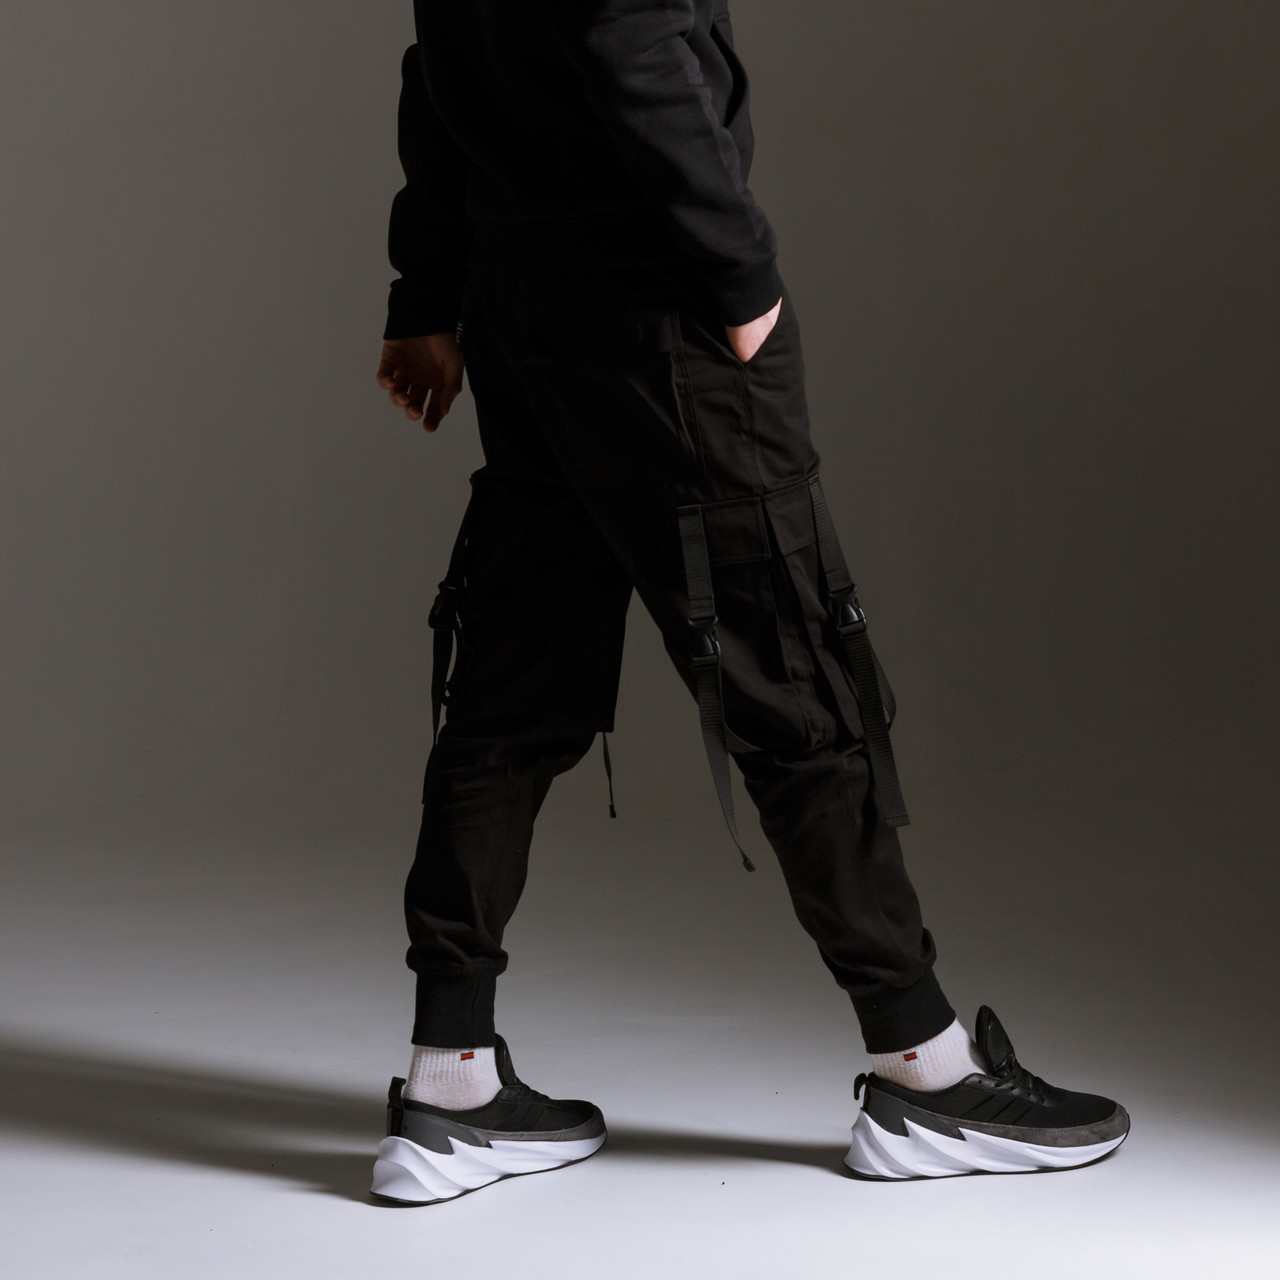 Карго штаны (джоггеры) мужские черные с лямками бренд ТУР модель Ёсида (Yoshida)